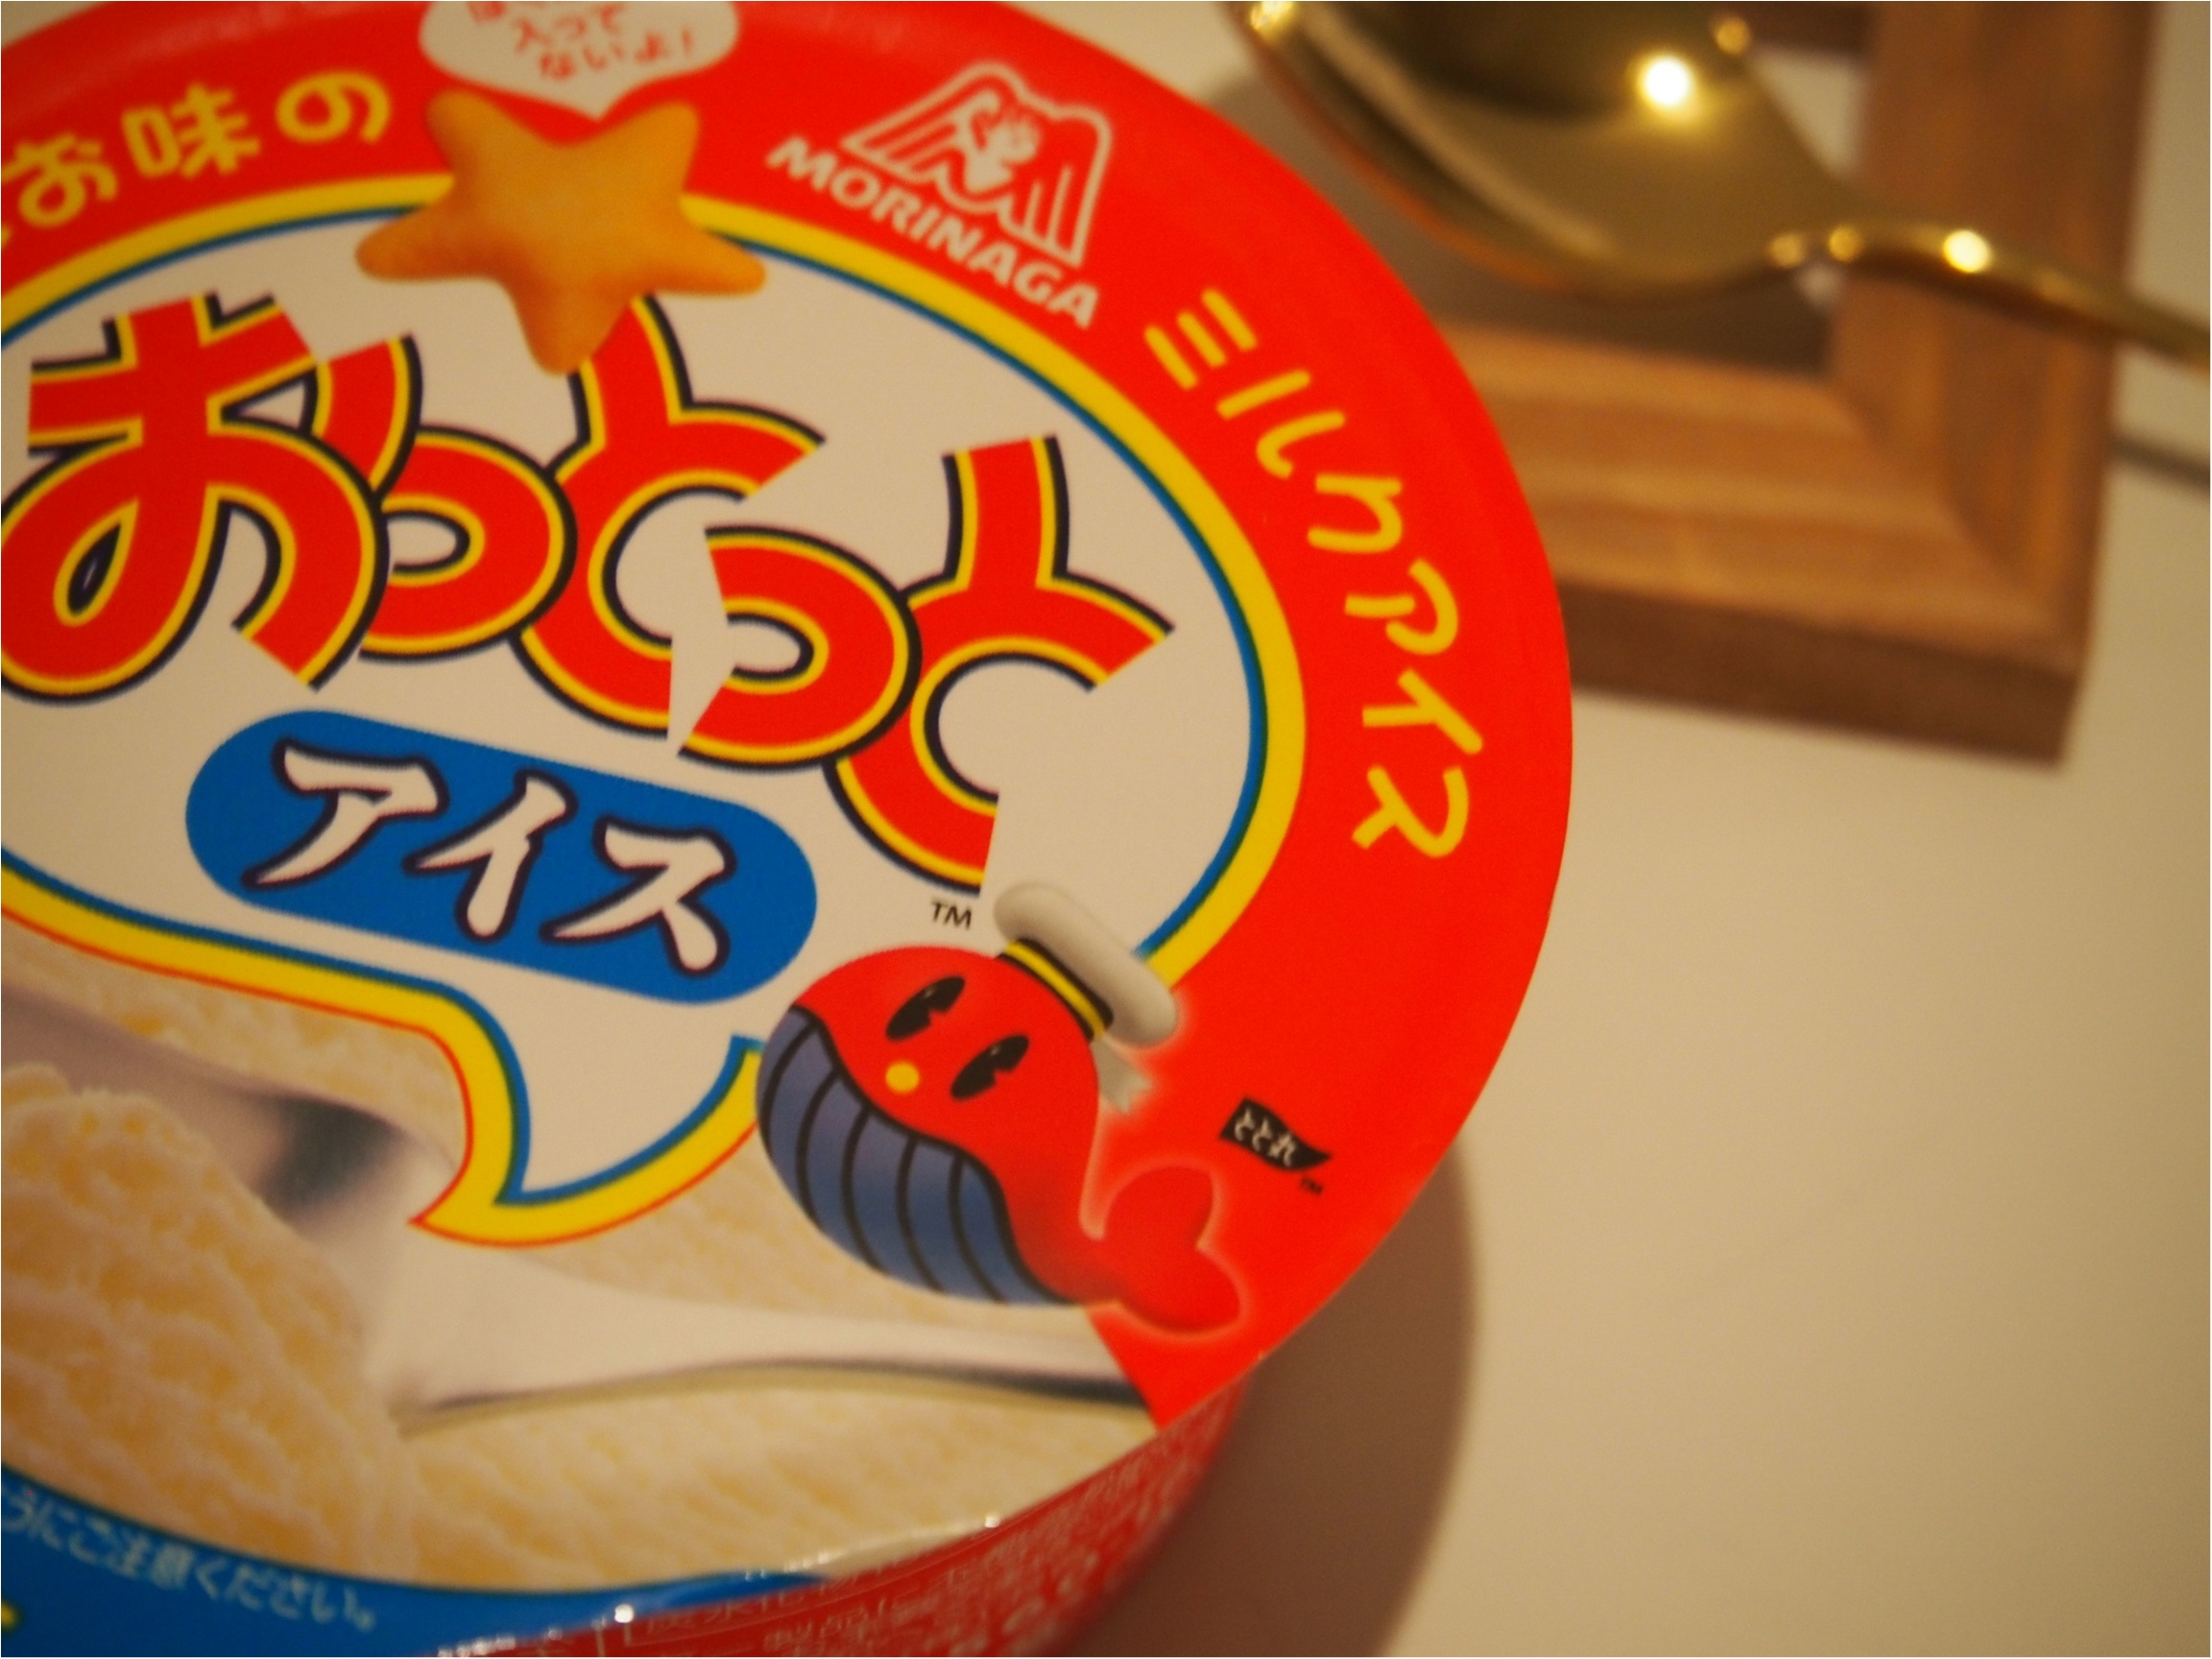 あの「おっとっと」がアイスになった?ーファミマ限定おっとっとアイスを実食!ー_1